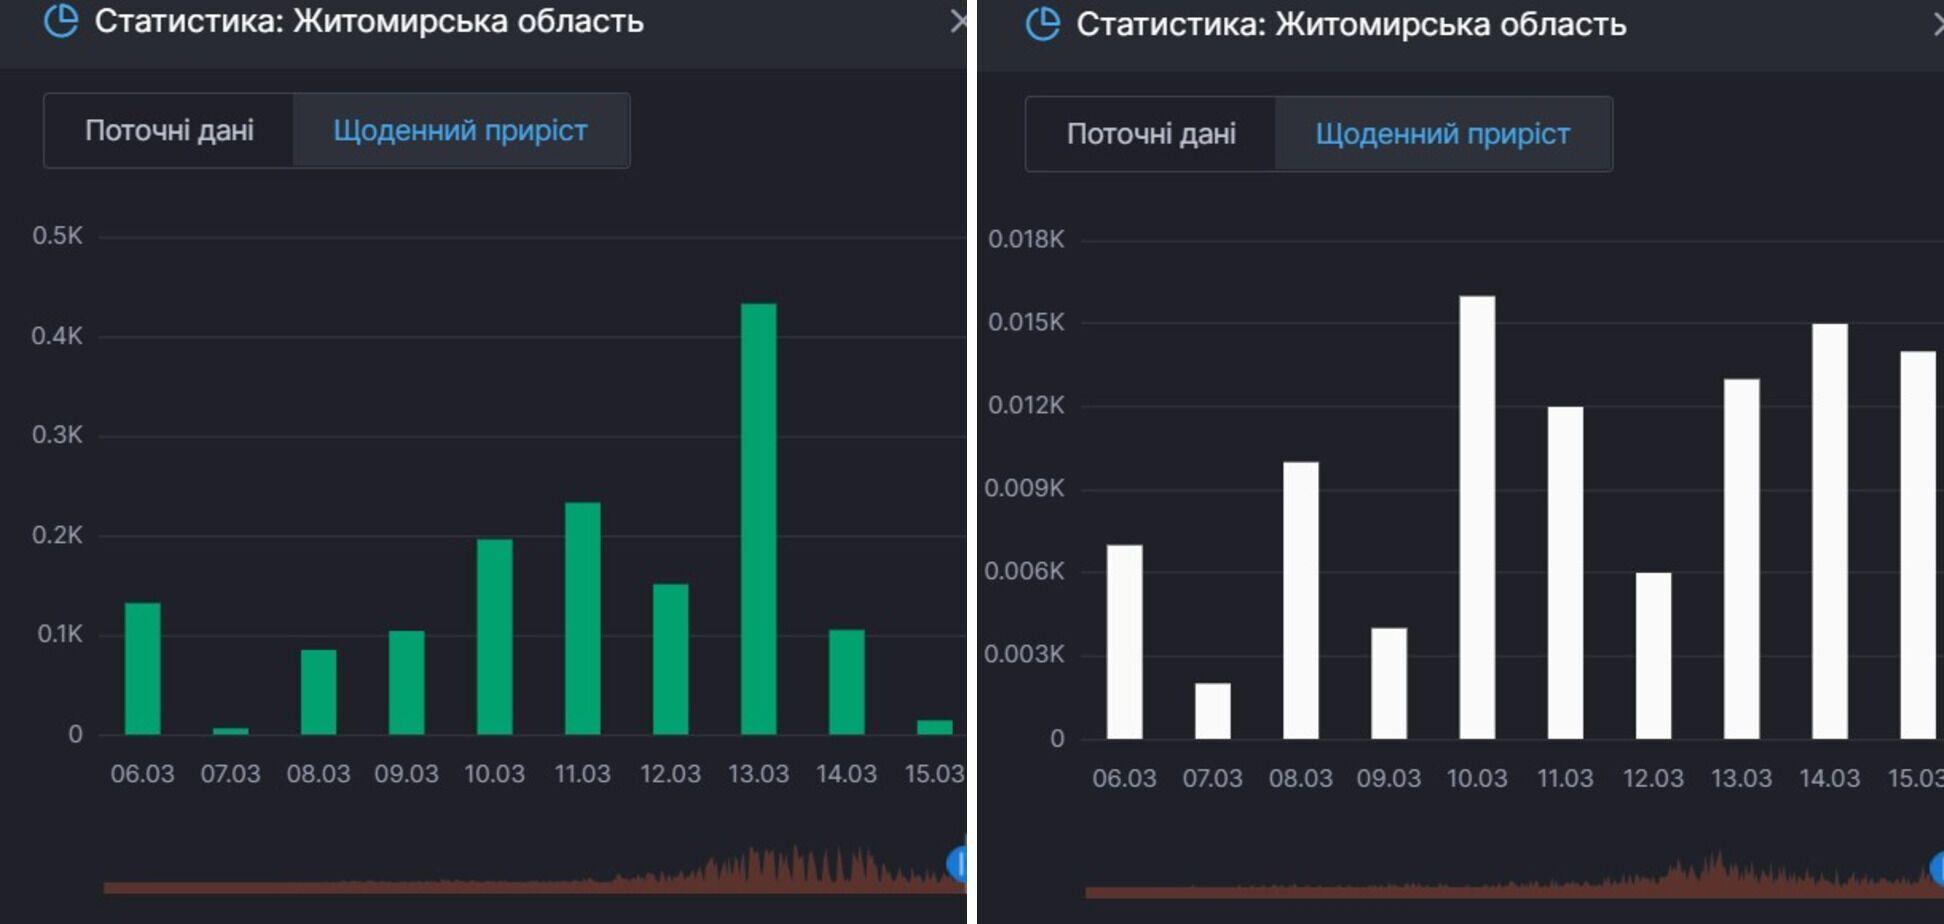 Ситуація з приростом одужань і смертей від COVID-19 на Житомирщині